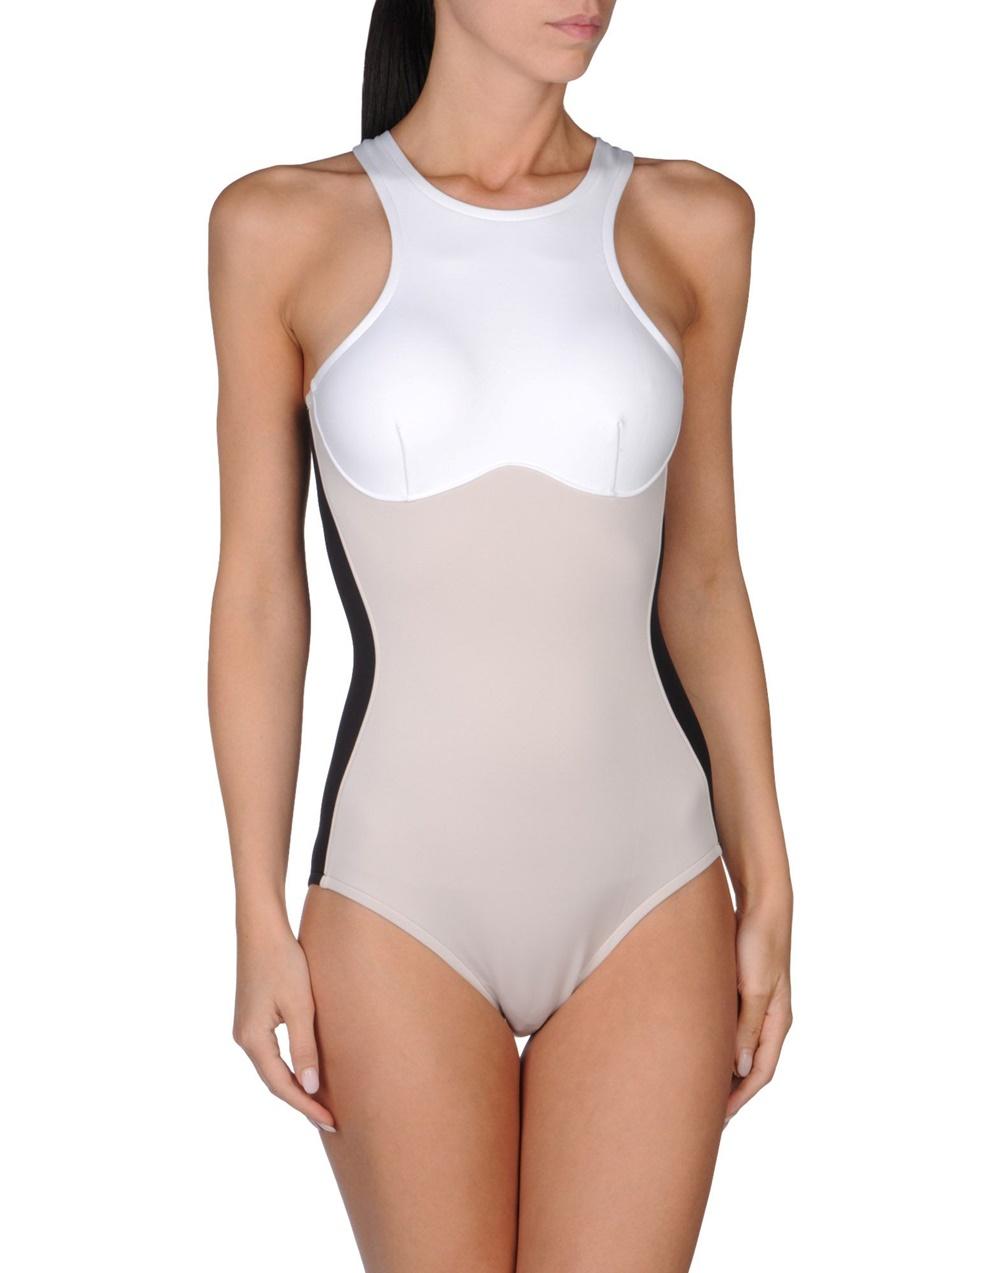 ステラ・マッカートニー ワンピース水着 STELLA_MCCARTNEY_swimwear (1)